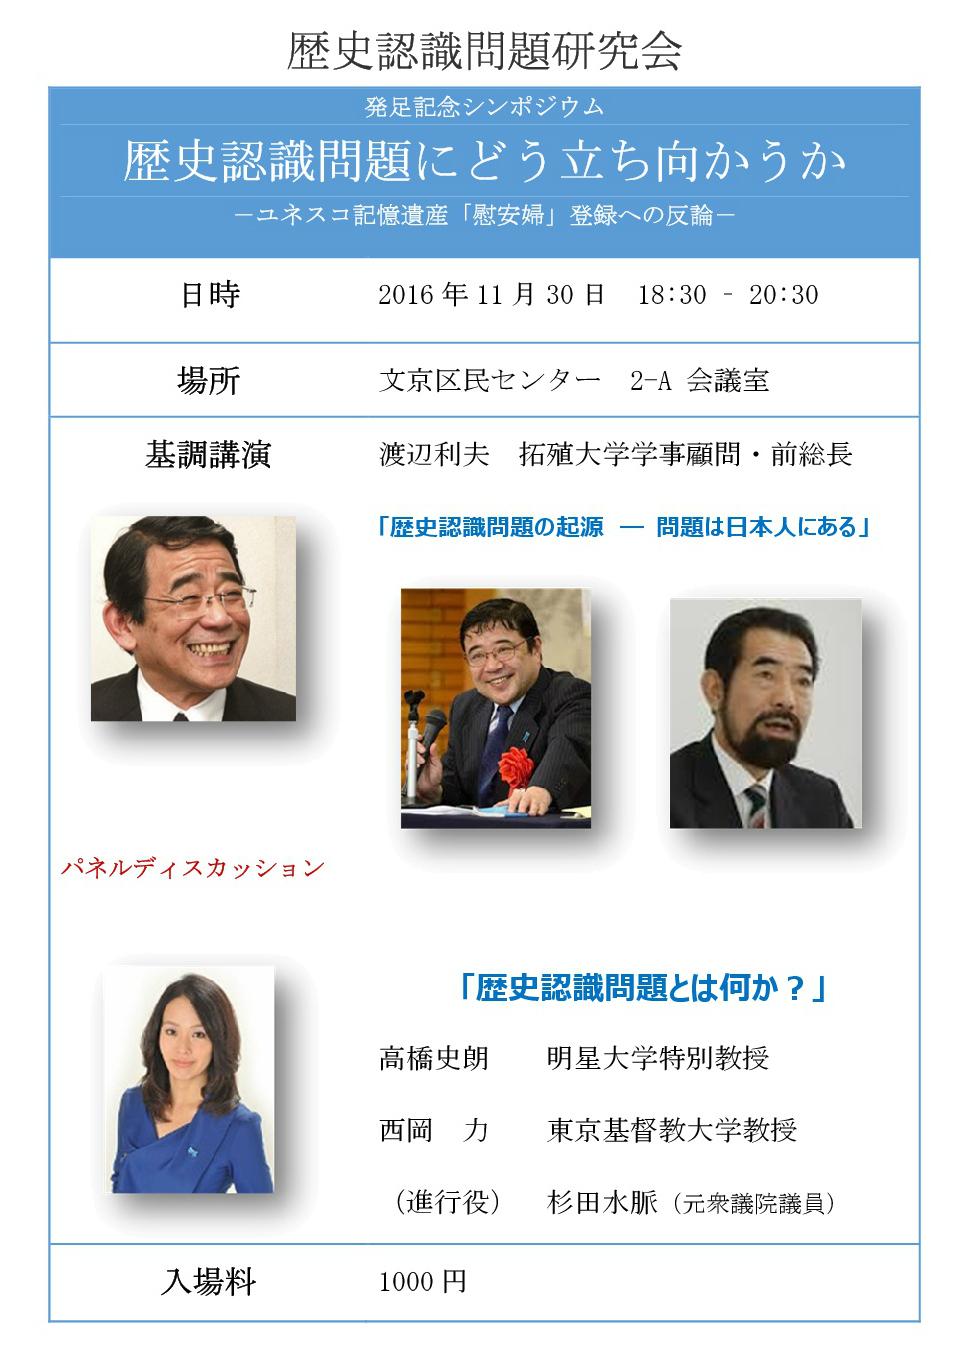 20161026_up_symposium-001